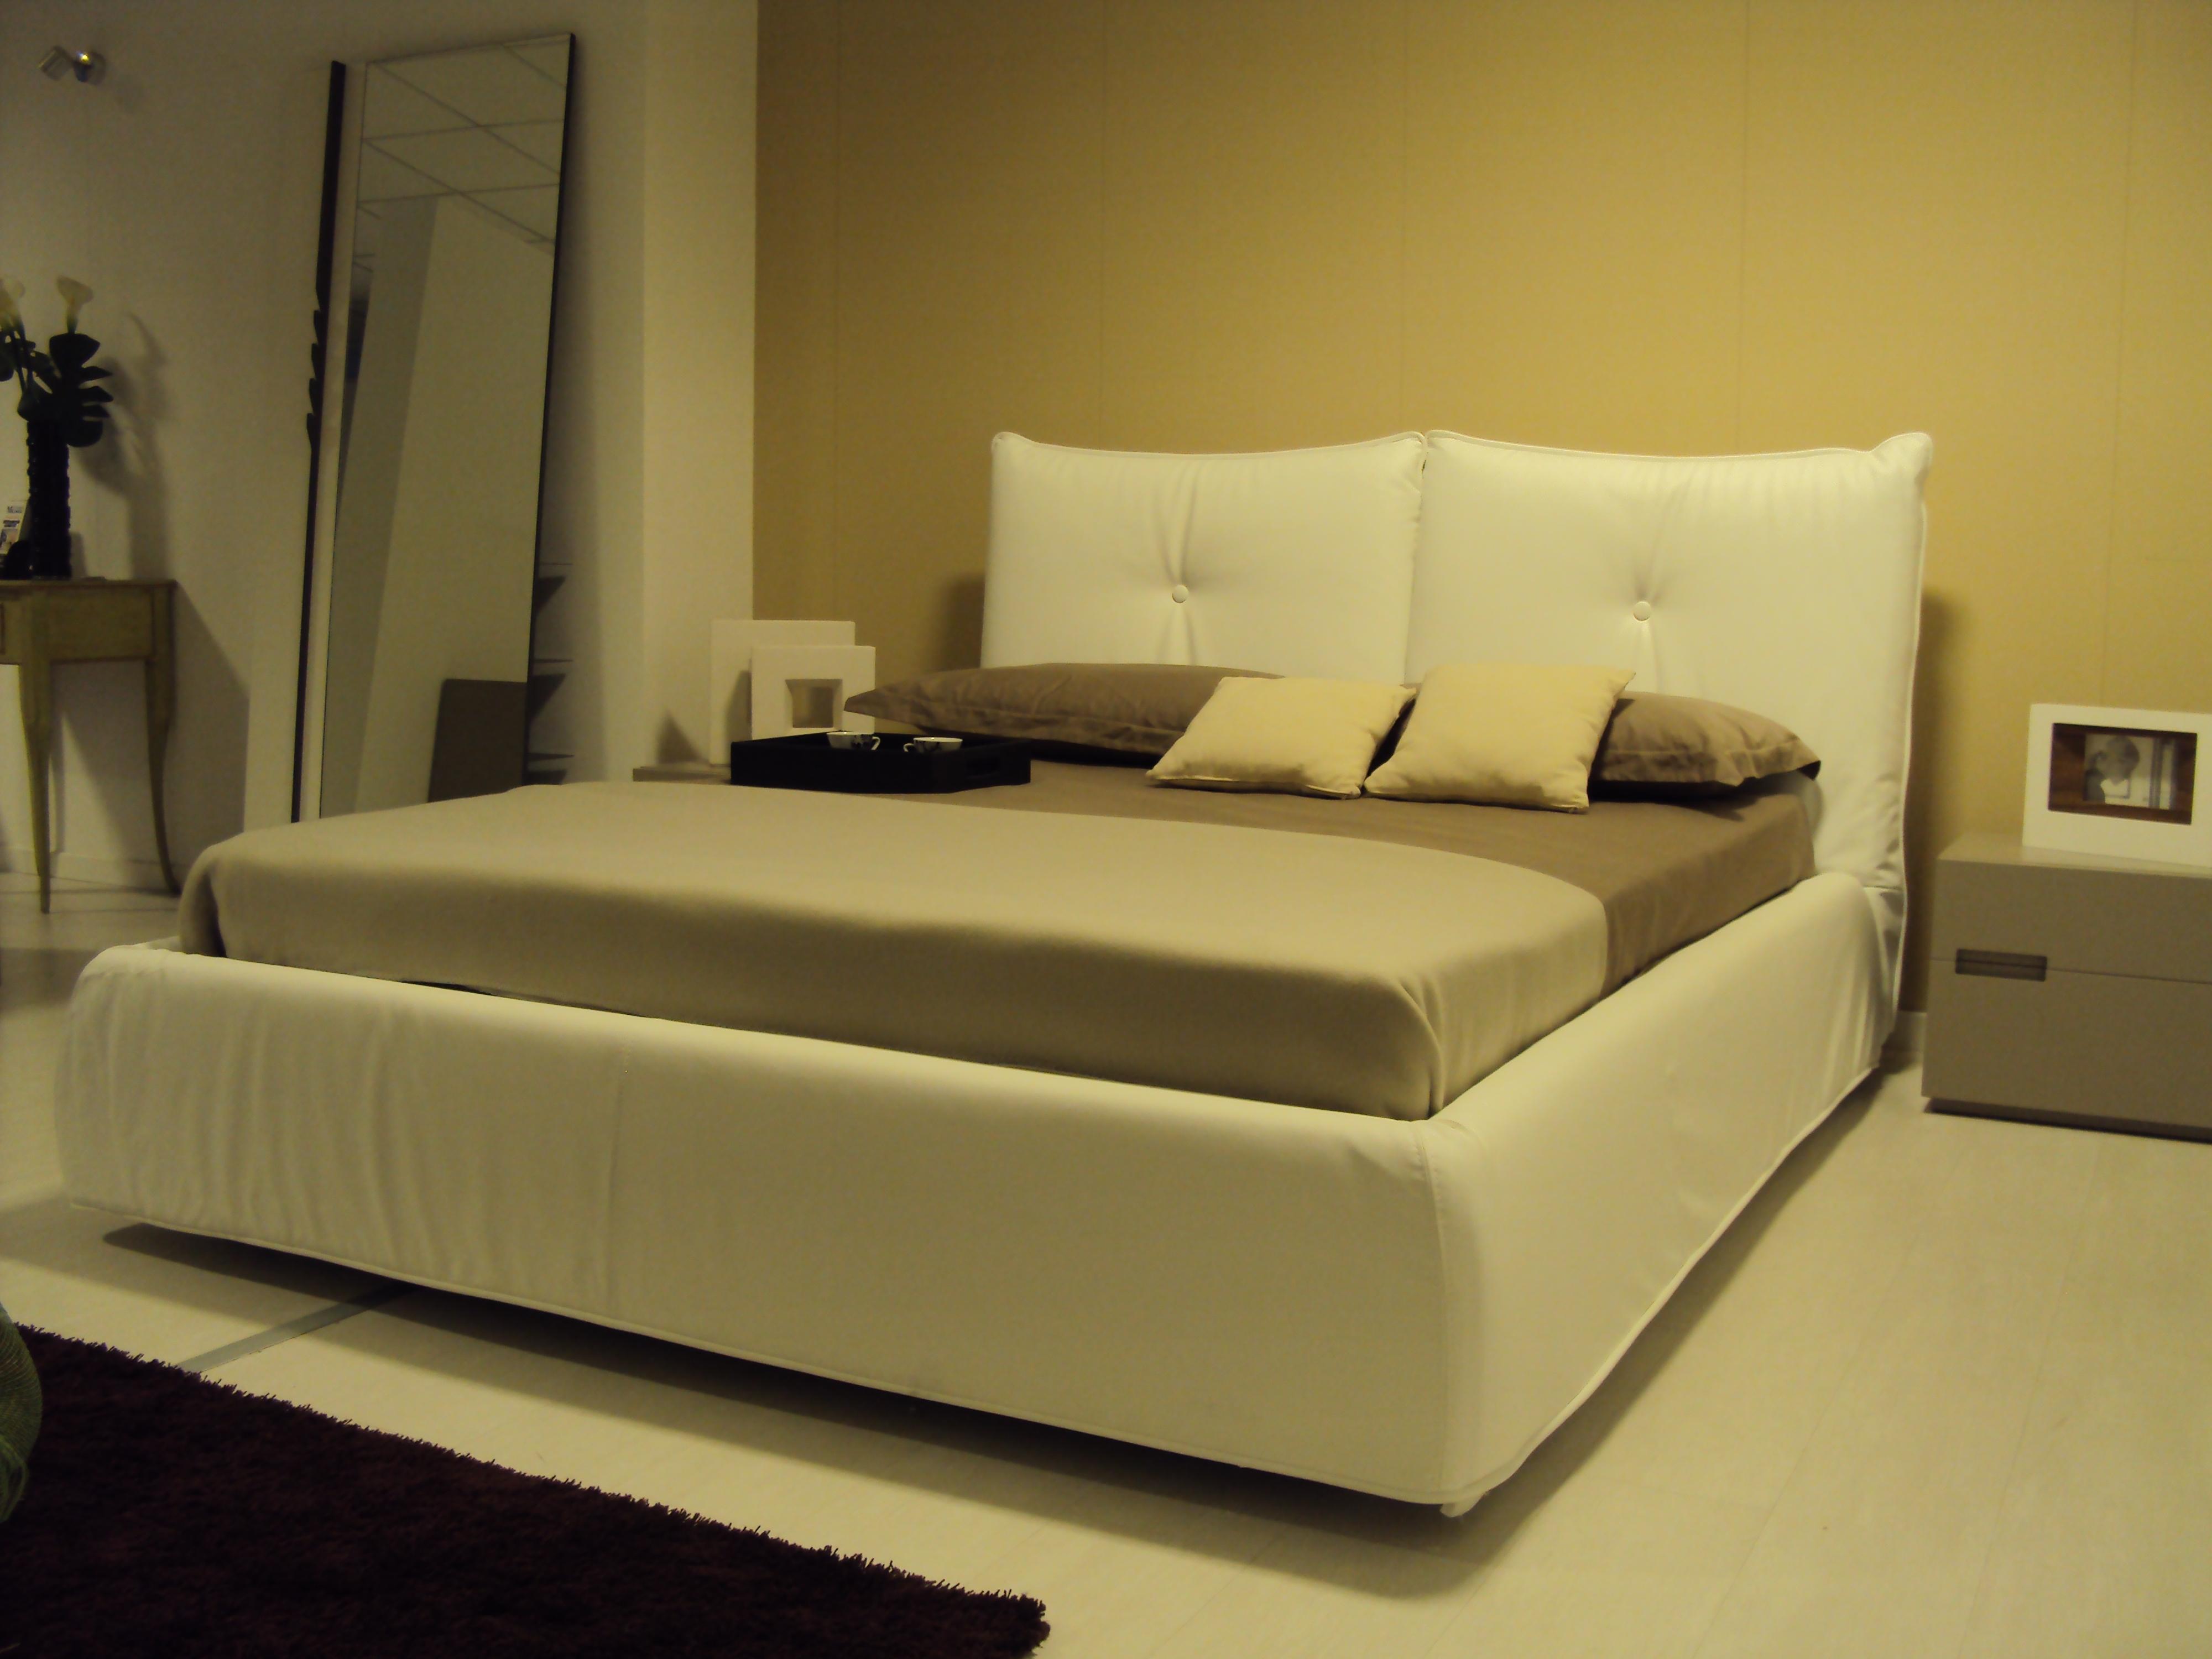 Camere da letto ragazze - Parete camera da letto tortora ...